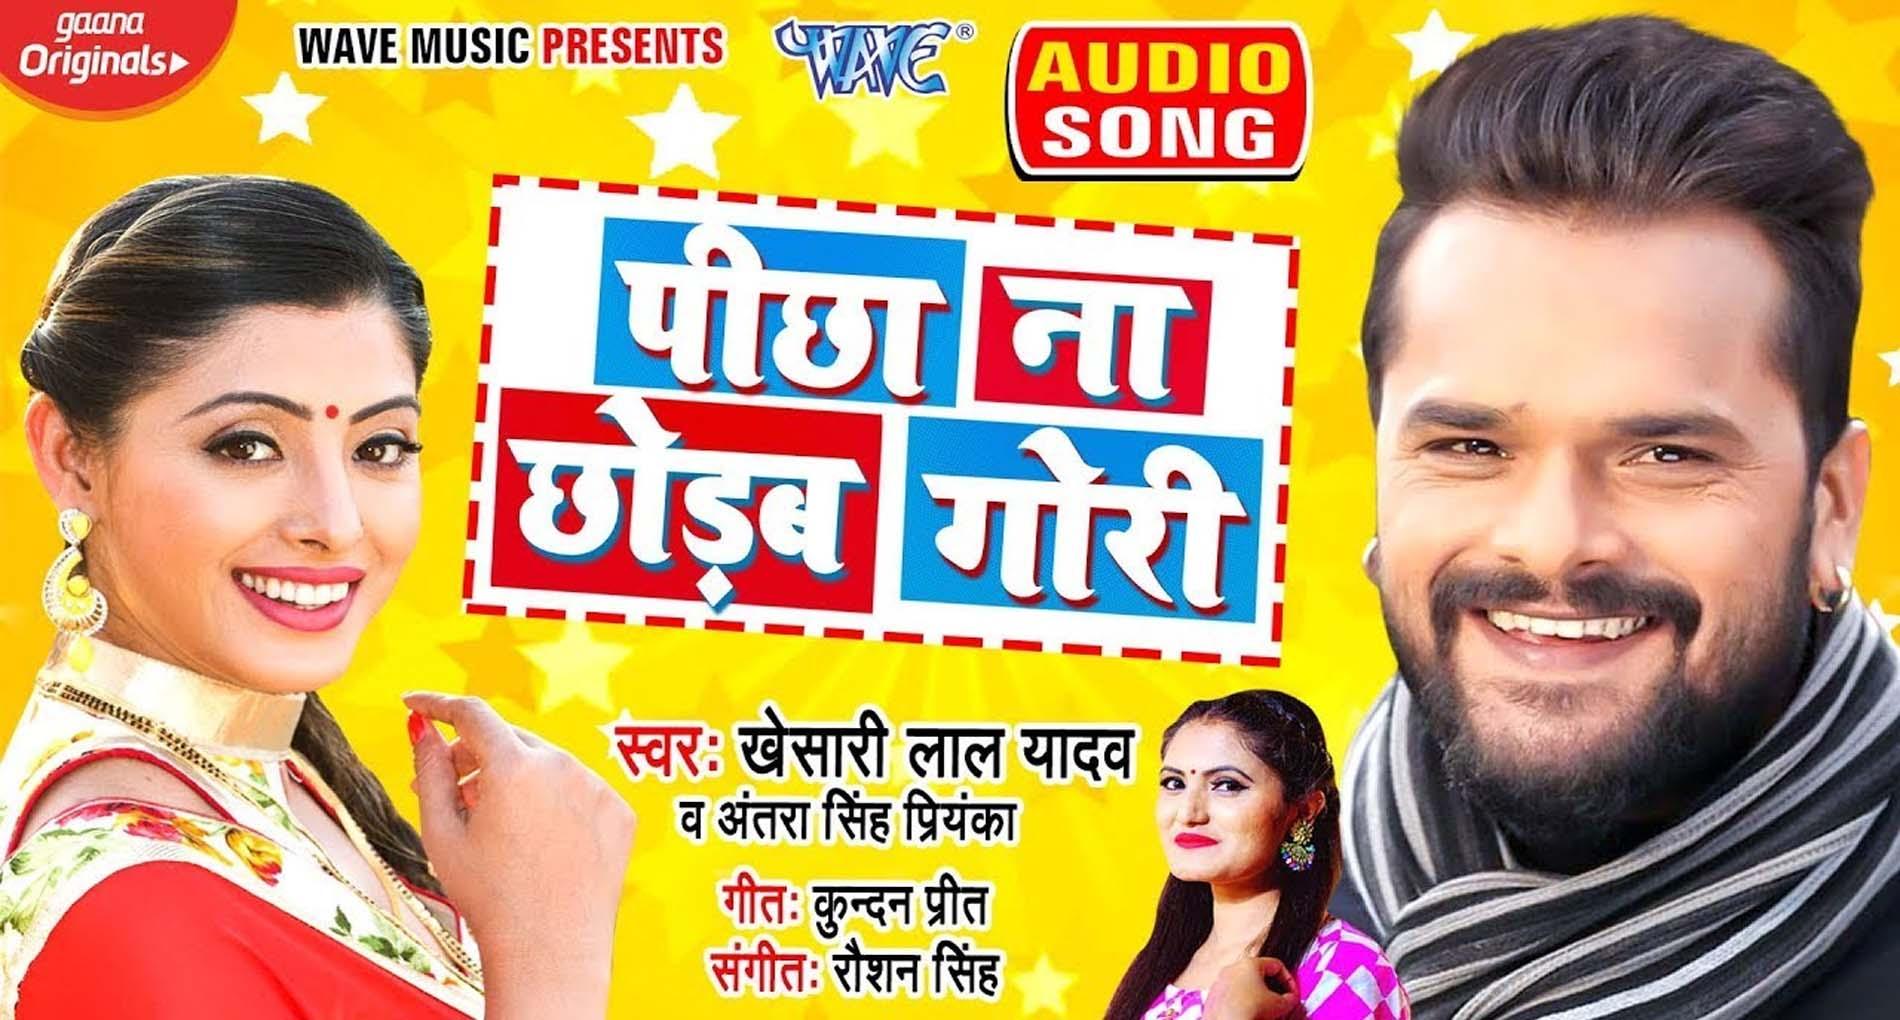 Khesari Lal Yadav New Bhojpuri Song: खेसारी लाल के नए गाने 'पीछा ना छोड़ब गोरी' ने उड़ाया गर्दा!